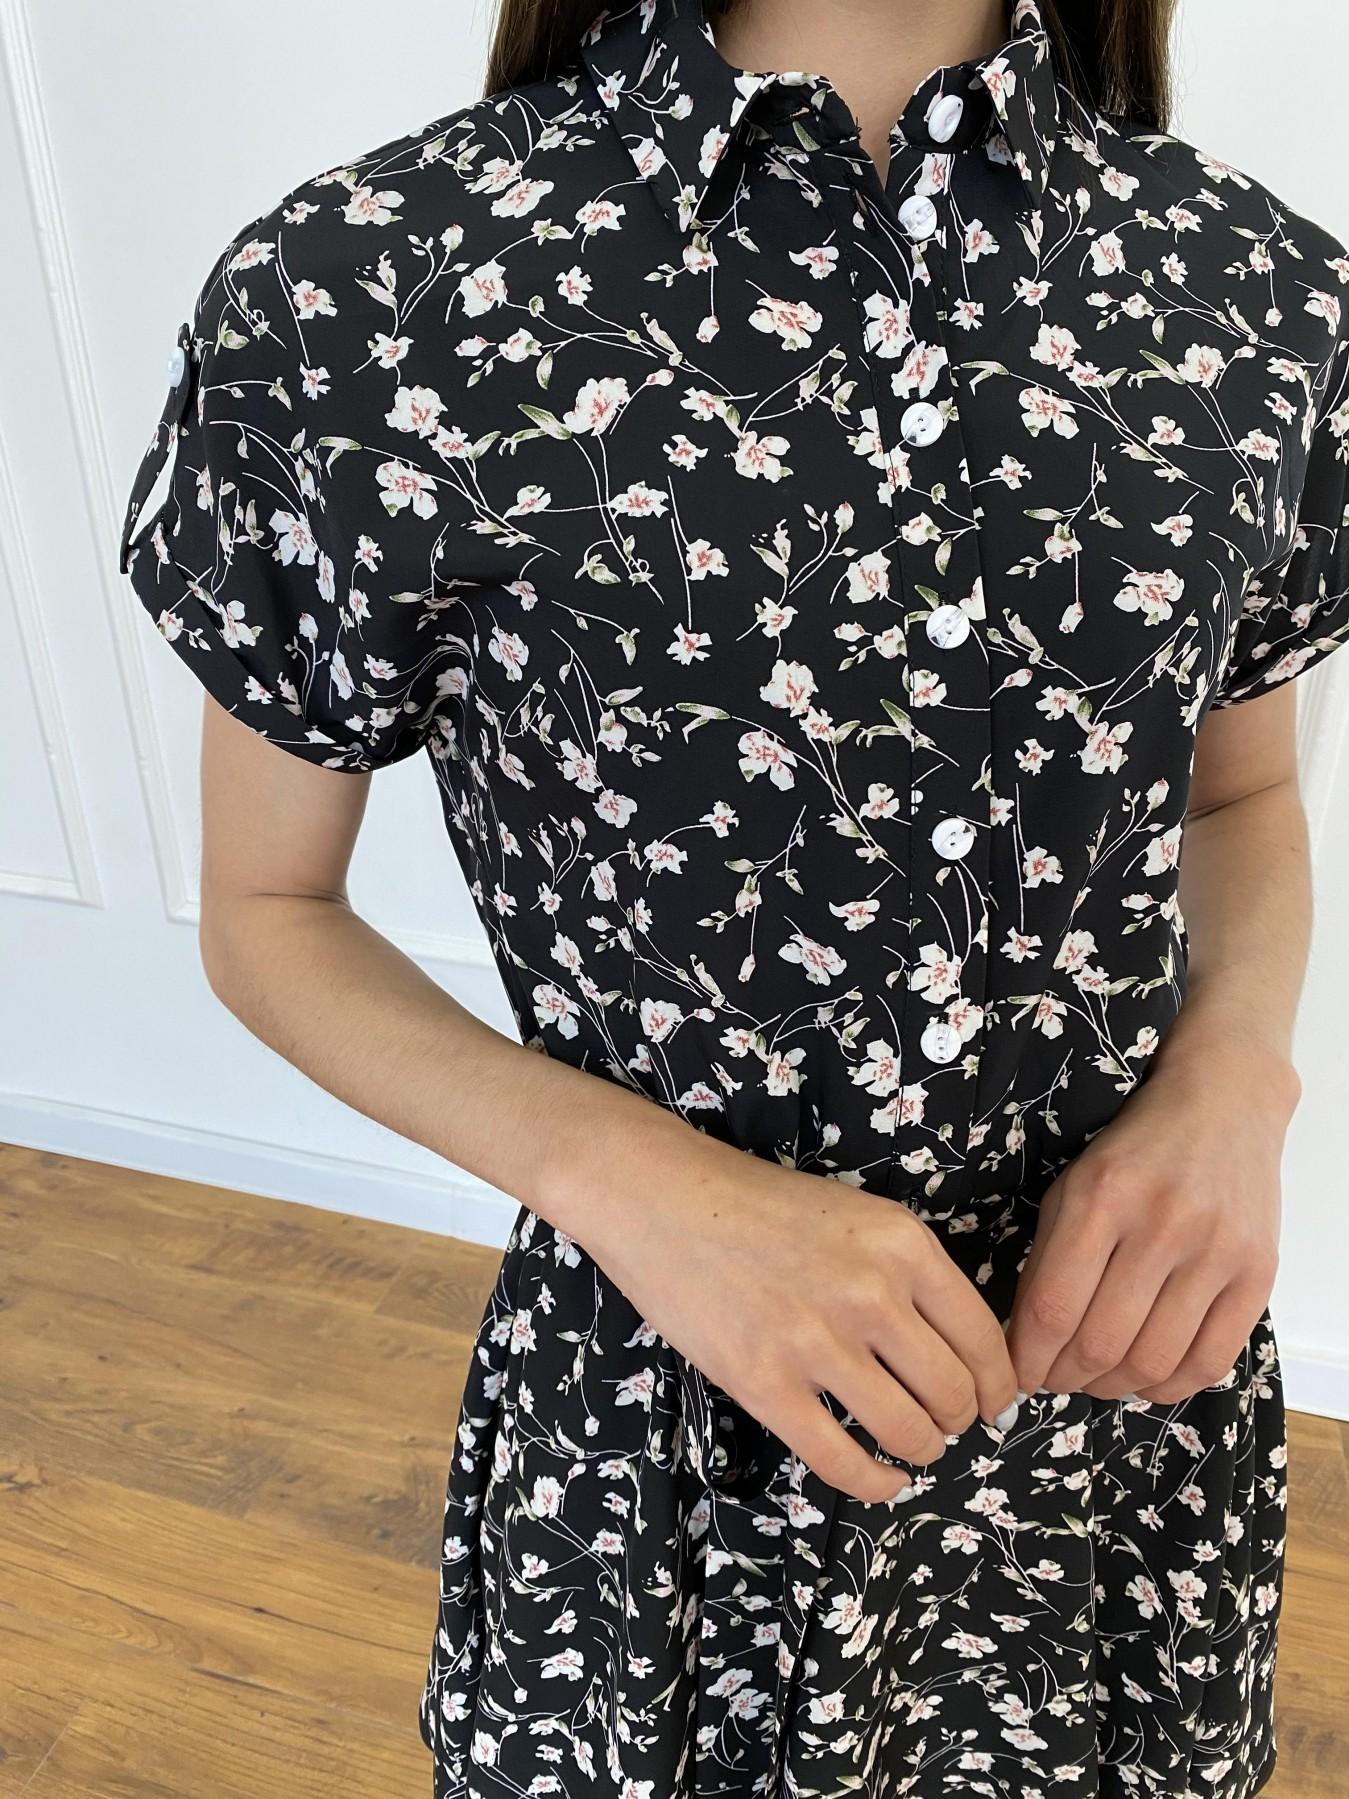 Санжар платье из ткани софт в принт 11215 АРТ. 47728 Цвет: Черный/молоко, Цветы - фото 6, интернет магазин tm-modus.ru